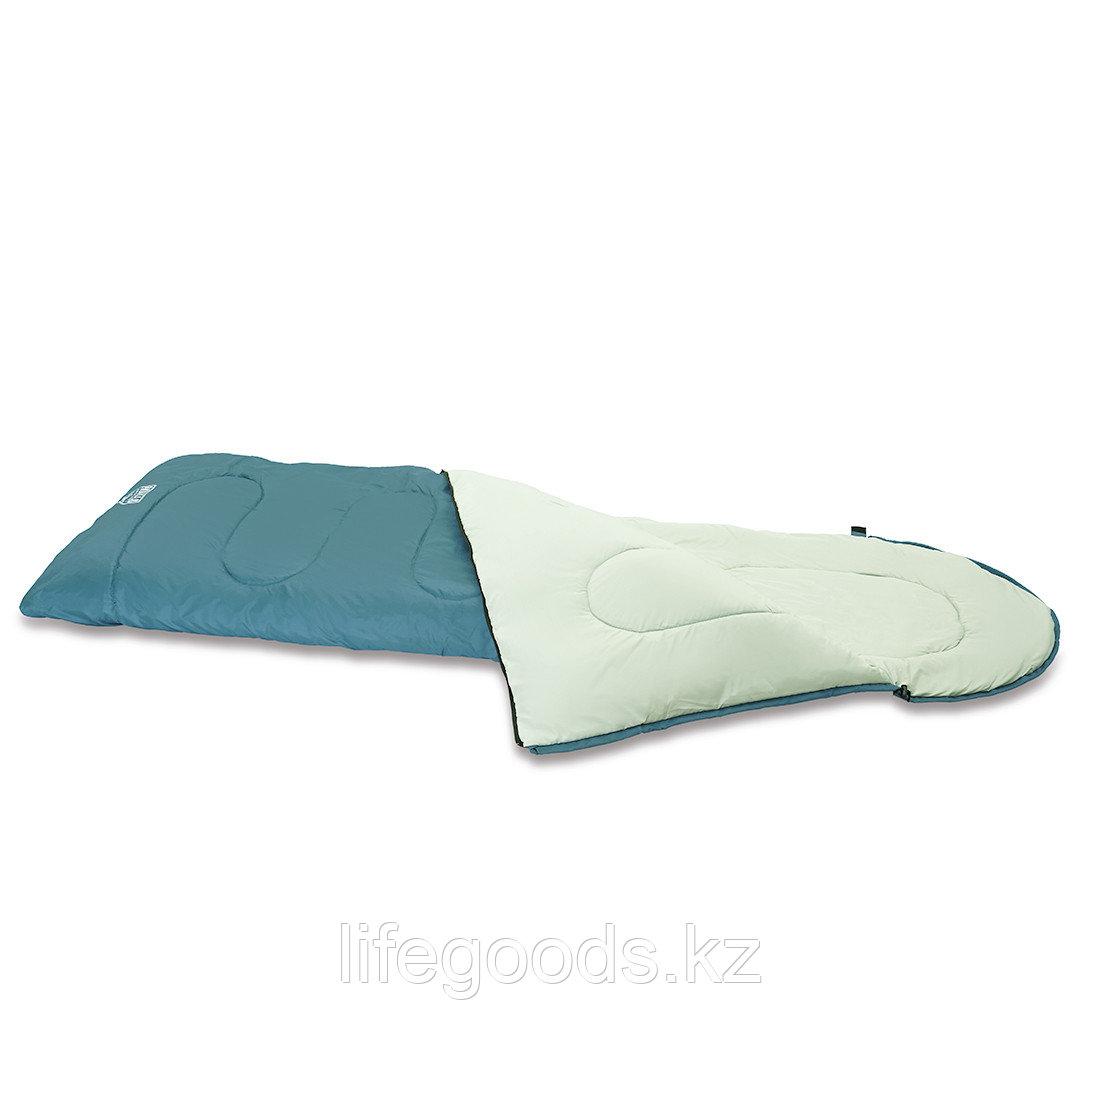 Спальный мешок (185+35)x75 см Bestway 68048 - фото 1